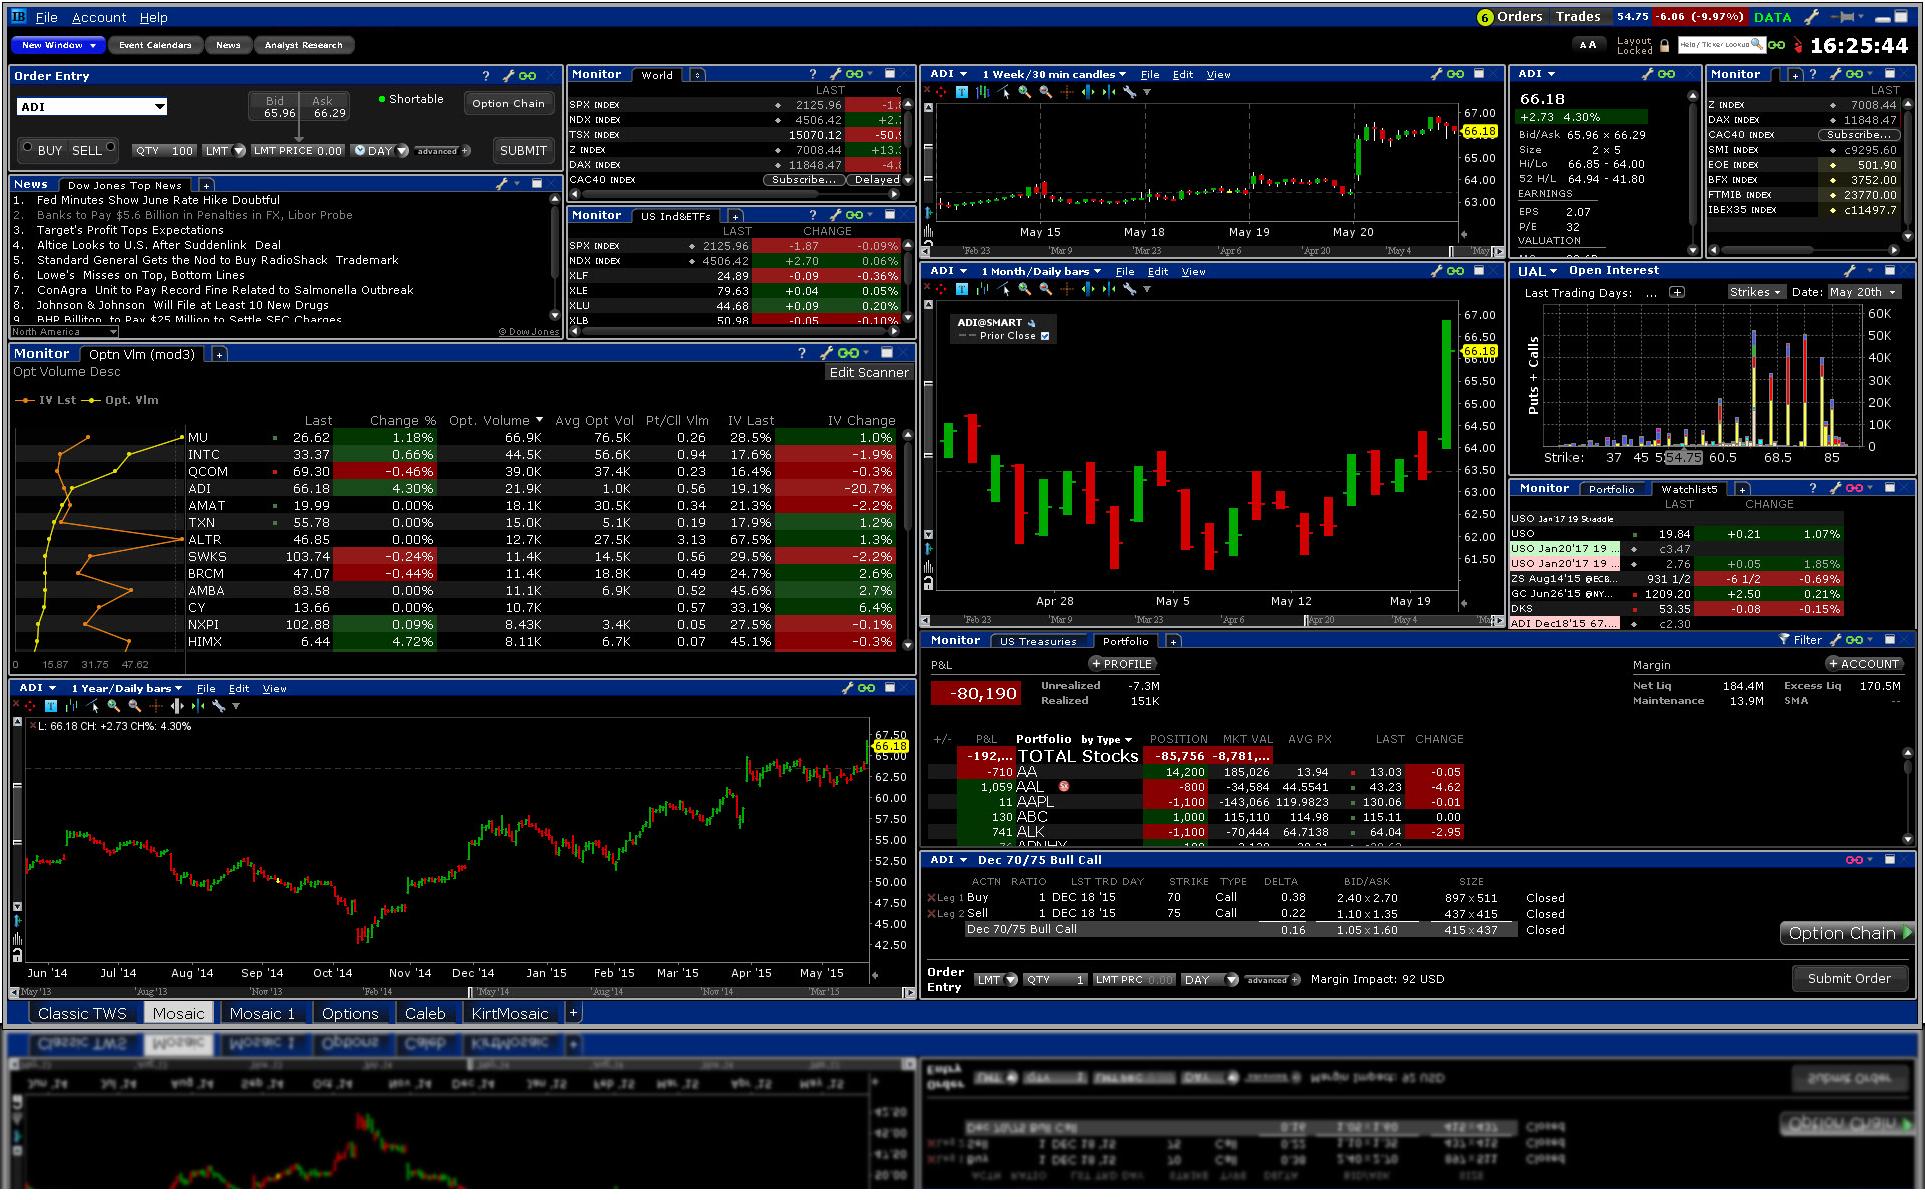 Global Trading Platform - IB Trader Workstation ...